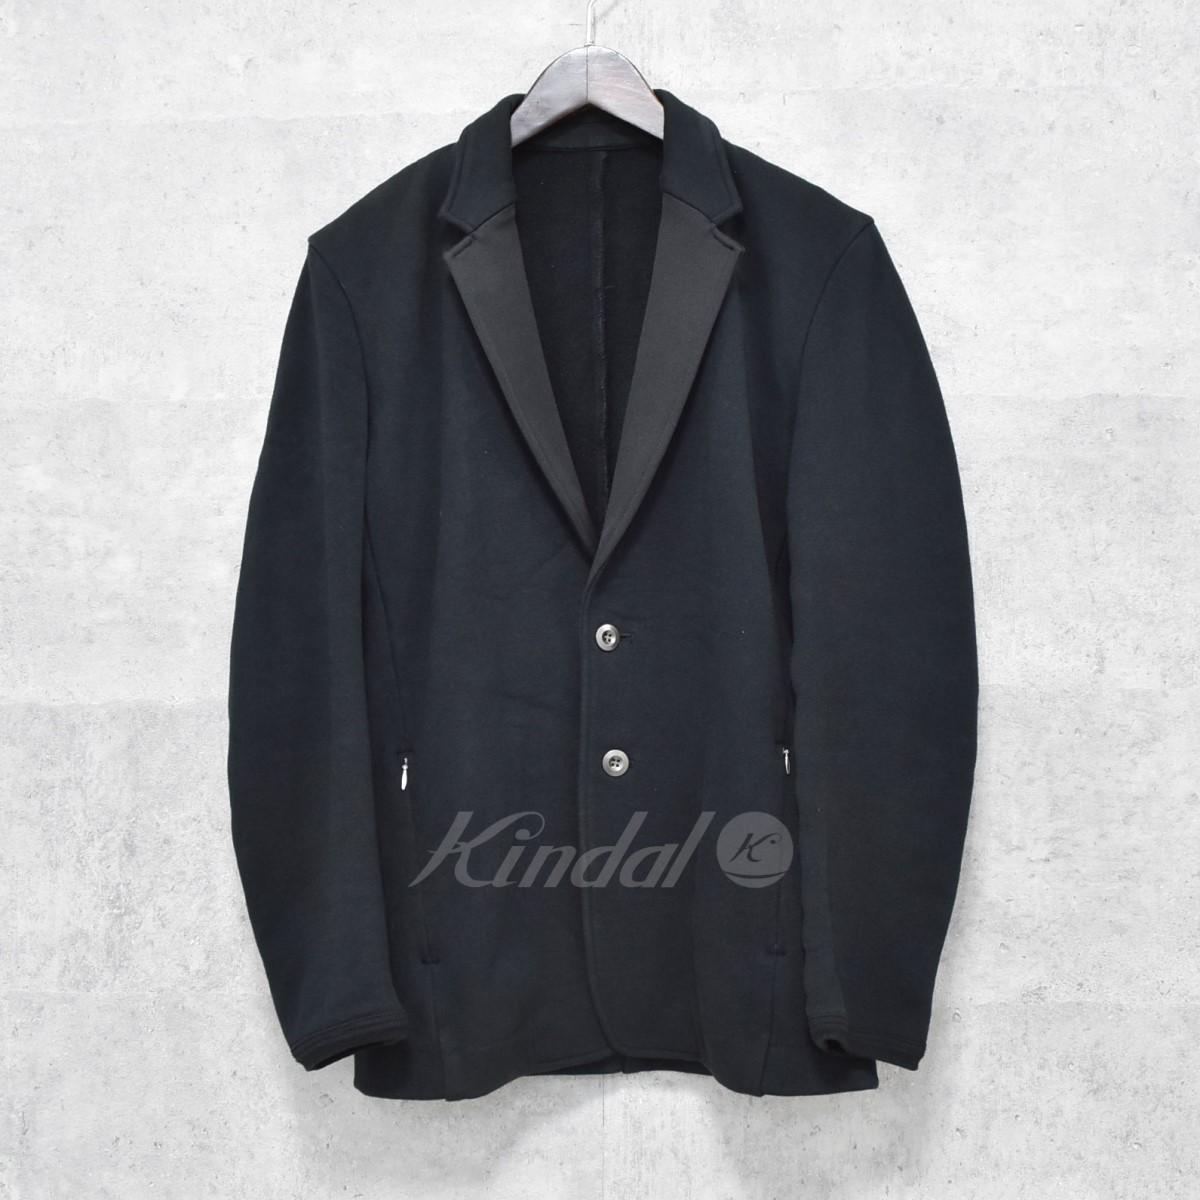 【中古】roar ピースメーカー 2Bテーラードジャケット ブラック サイズ:2 【送料無料】 【261018】(ロアー)